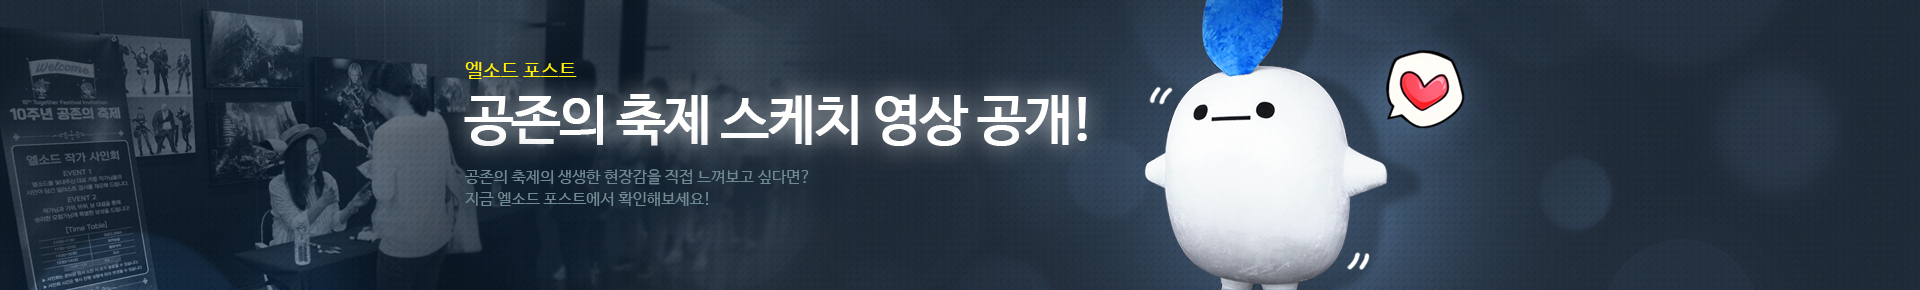 공존의 축제 스케치영상 대공개!